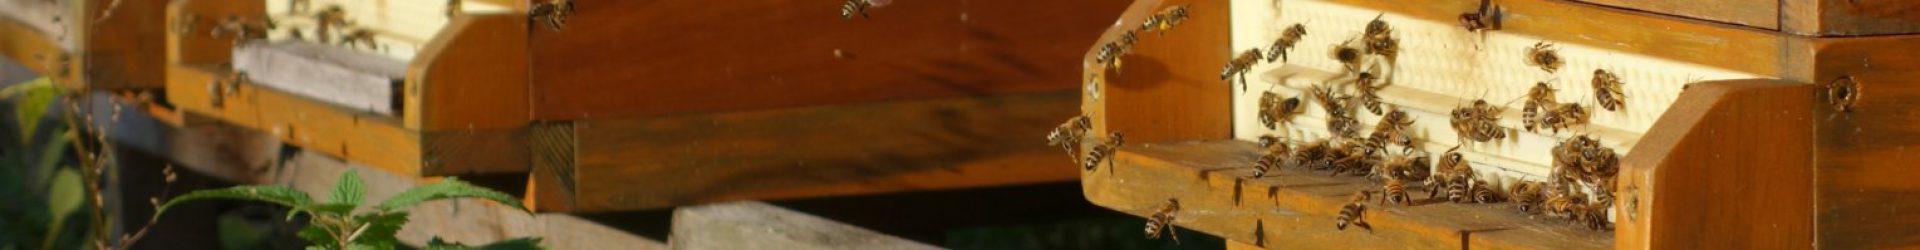 Historisches Honigglas von 1915